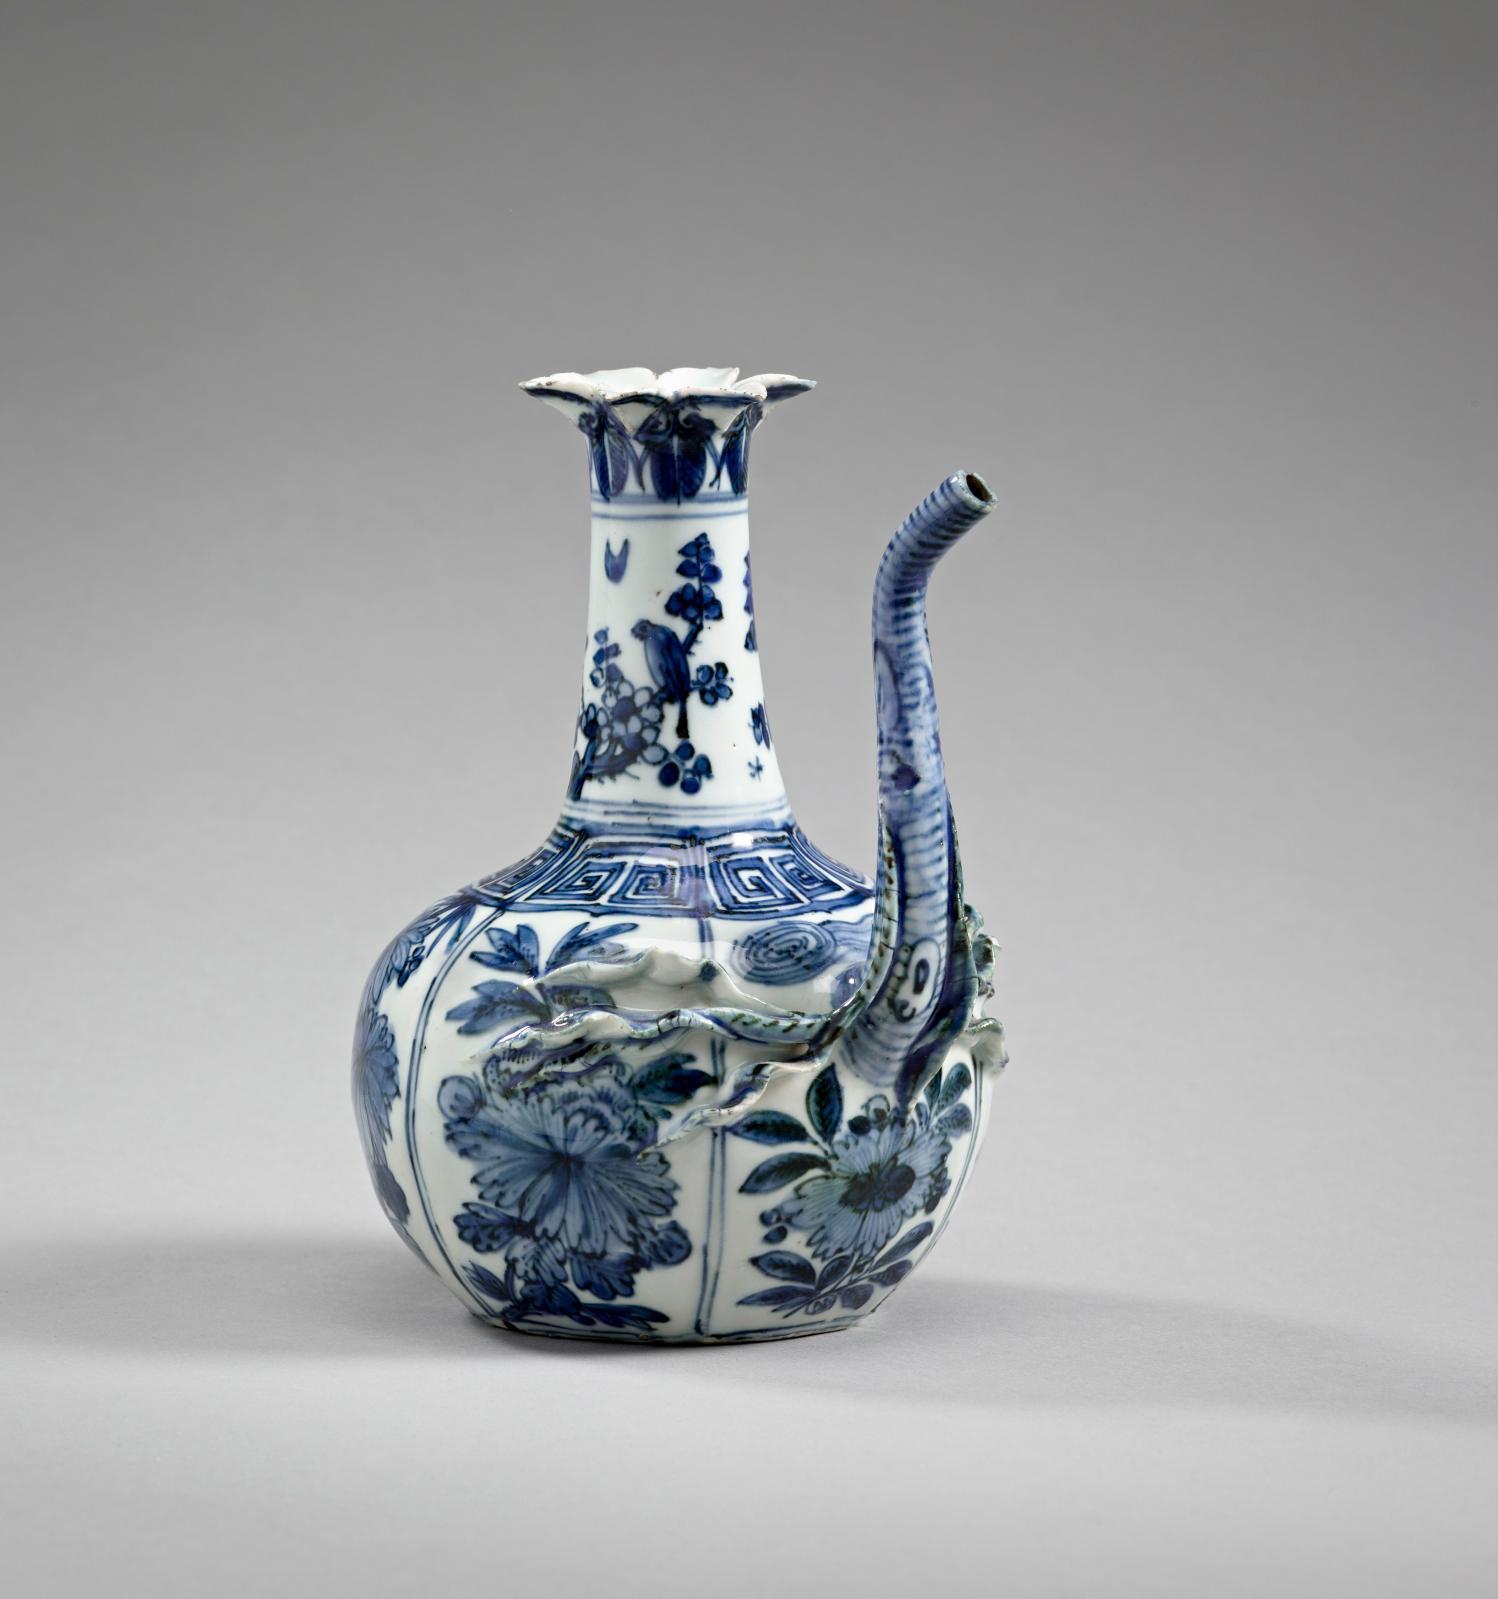 Verseuse (kendi) à décor de fleurs et d'oiseaux, fin XVIe-début XVIIesiècle, prov. Jingdezhen (province du Jiangxi), dynastie Ming, règne de Wanli (1